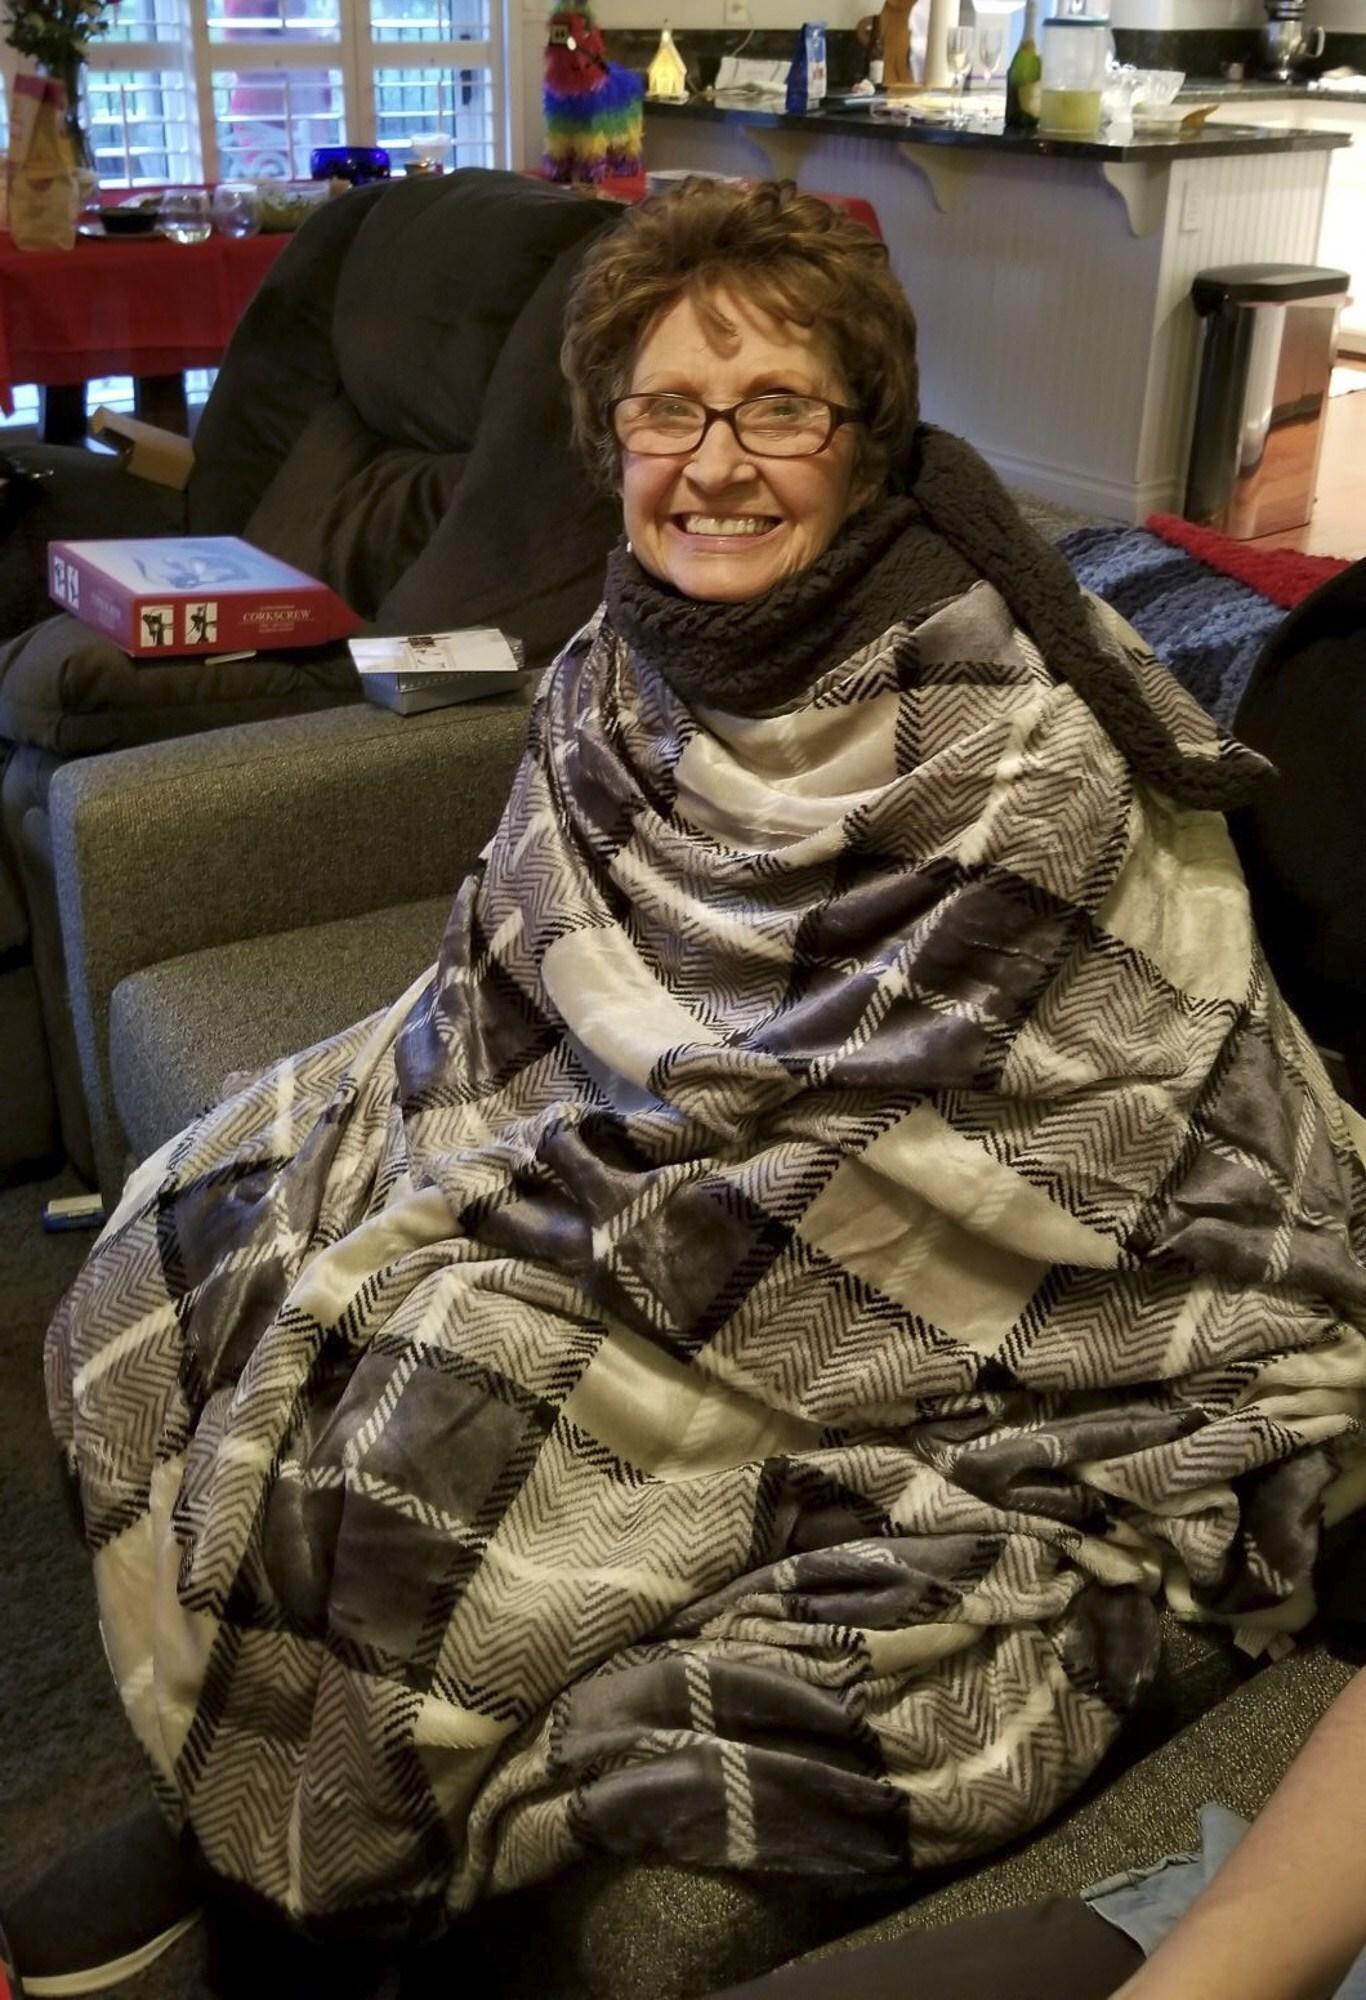 Barbara Franklin, quien tiene un cáncer terminal causado por la exposición al asbesto, se tapa con una cobijita.